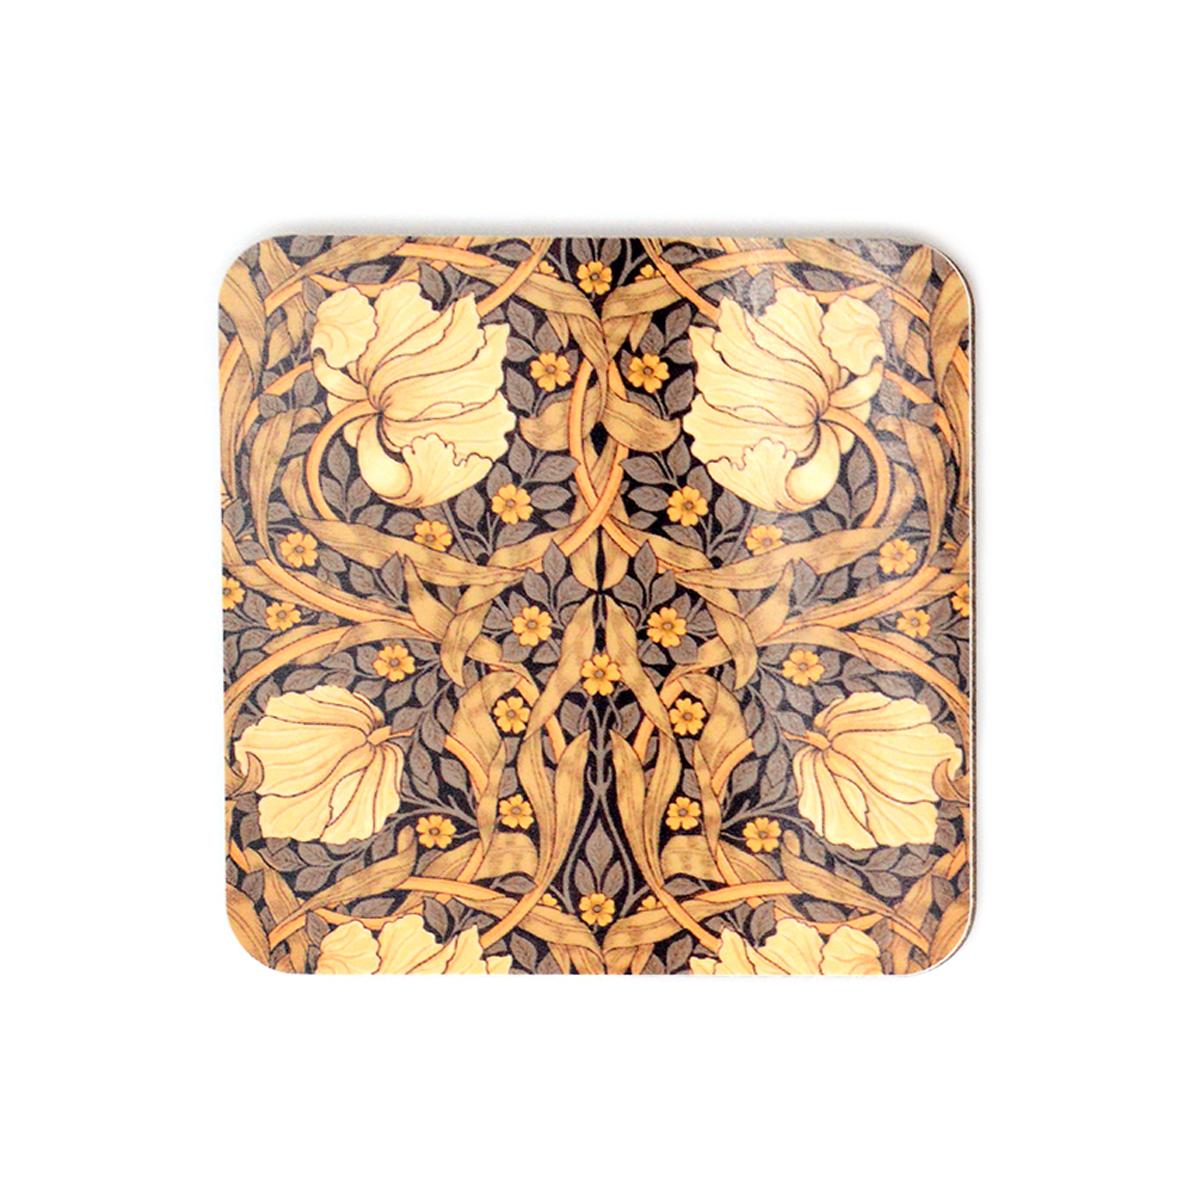 William Morris Pimpernel coaster